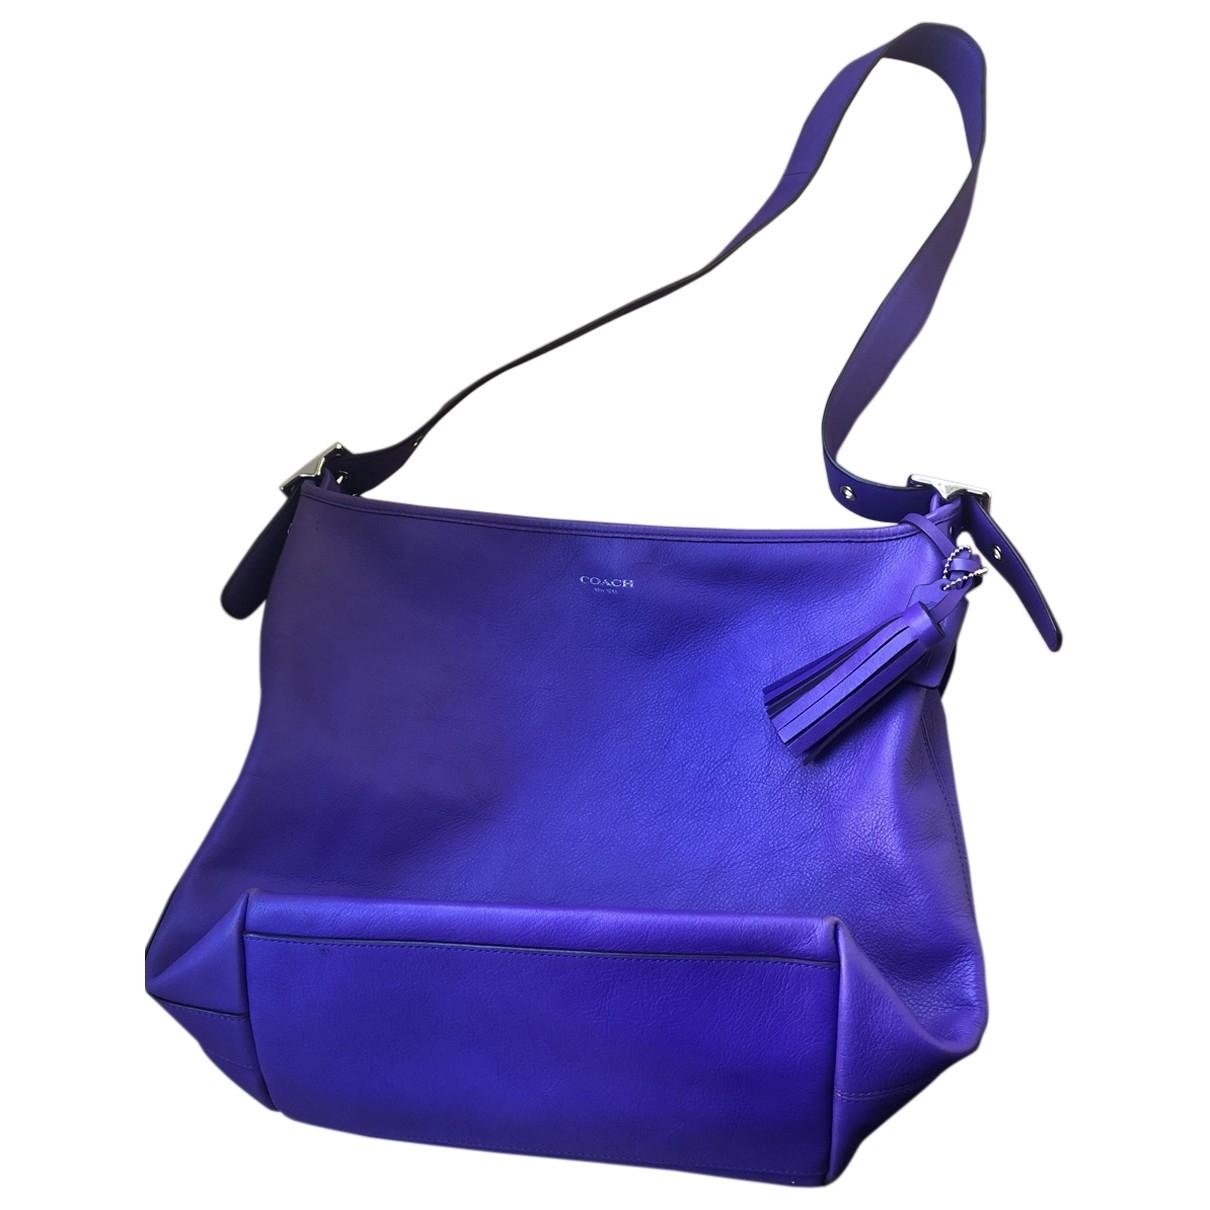 Coach Edie leather crossbody bag